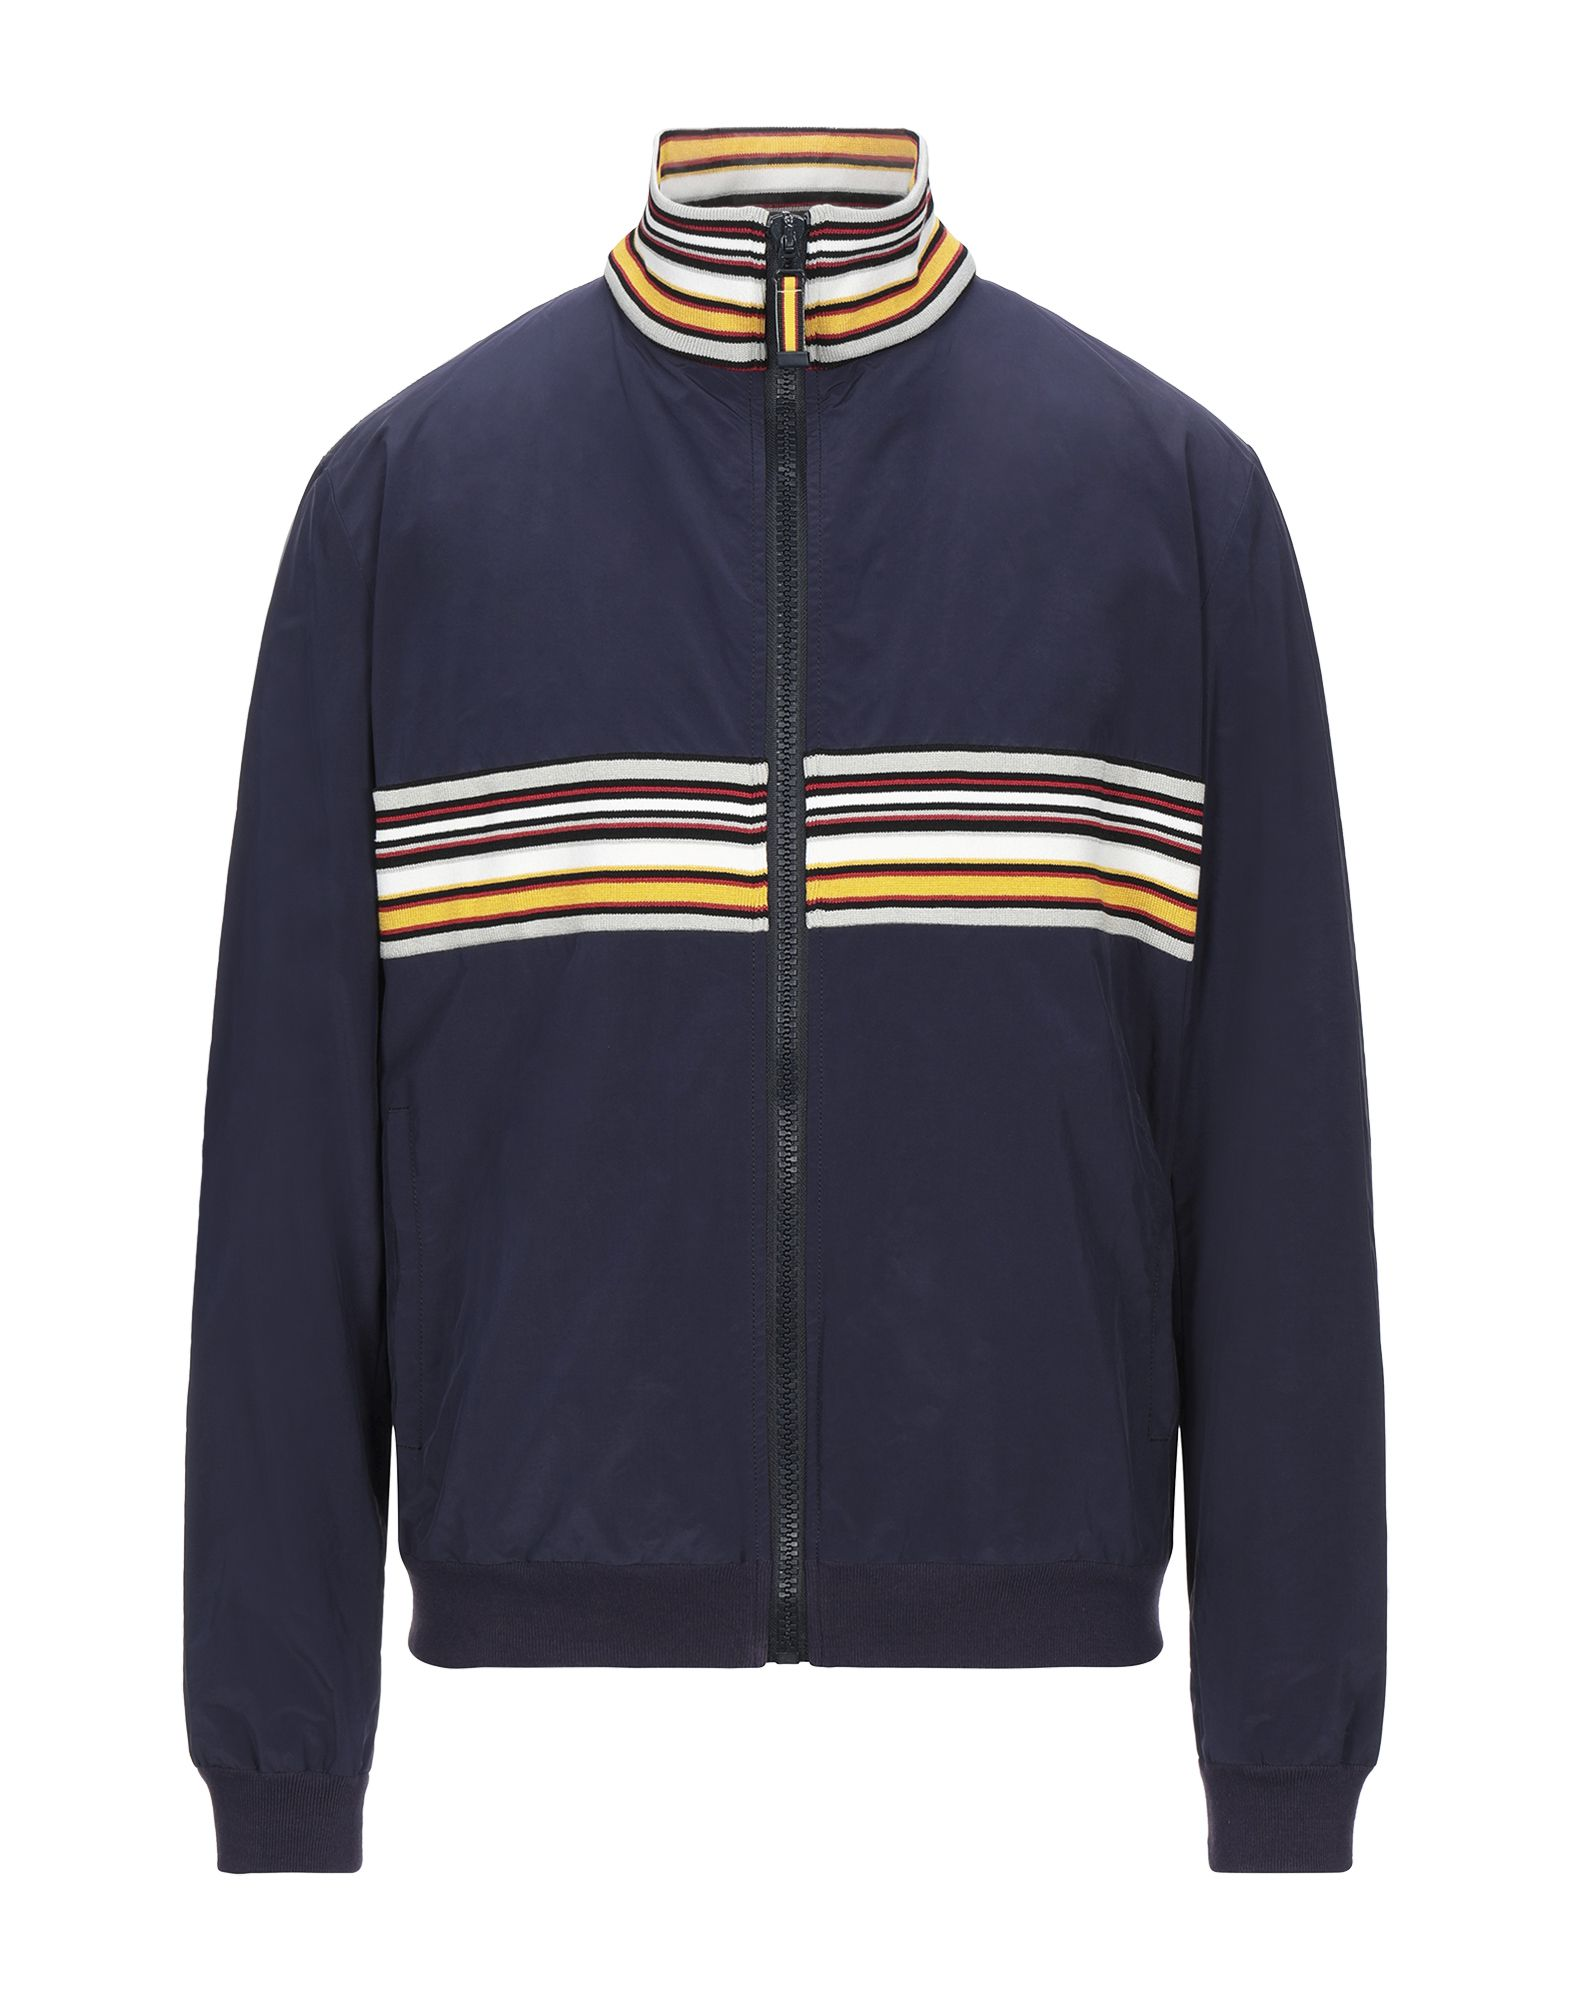 ALEXANDER MCQUEEN Jackets - Item 41649227